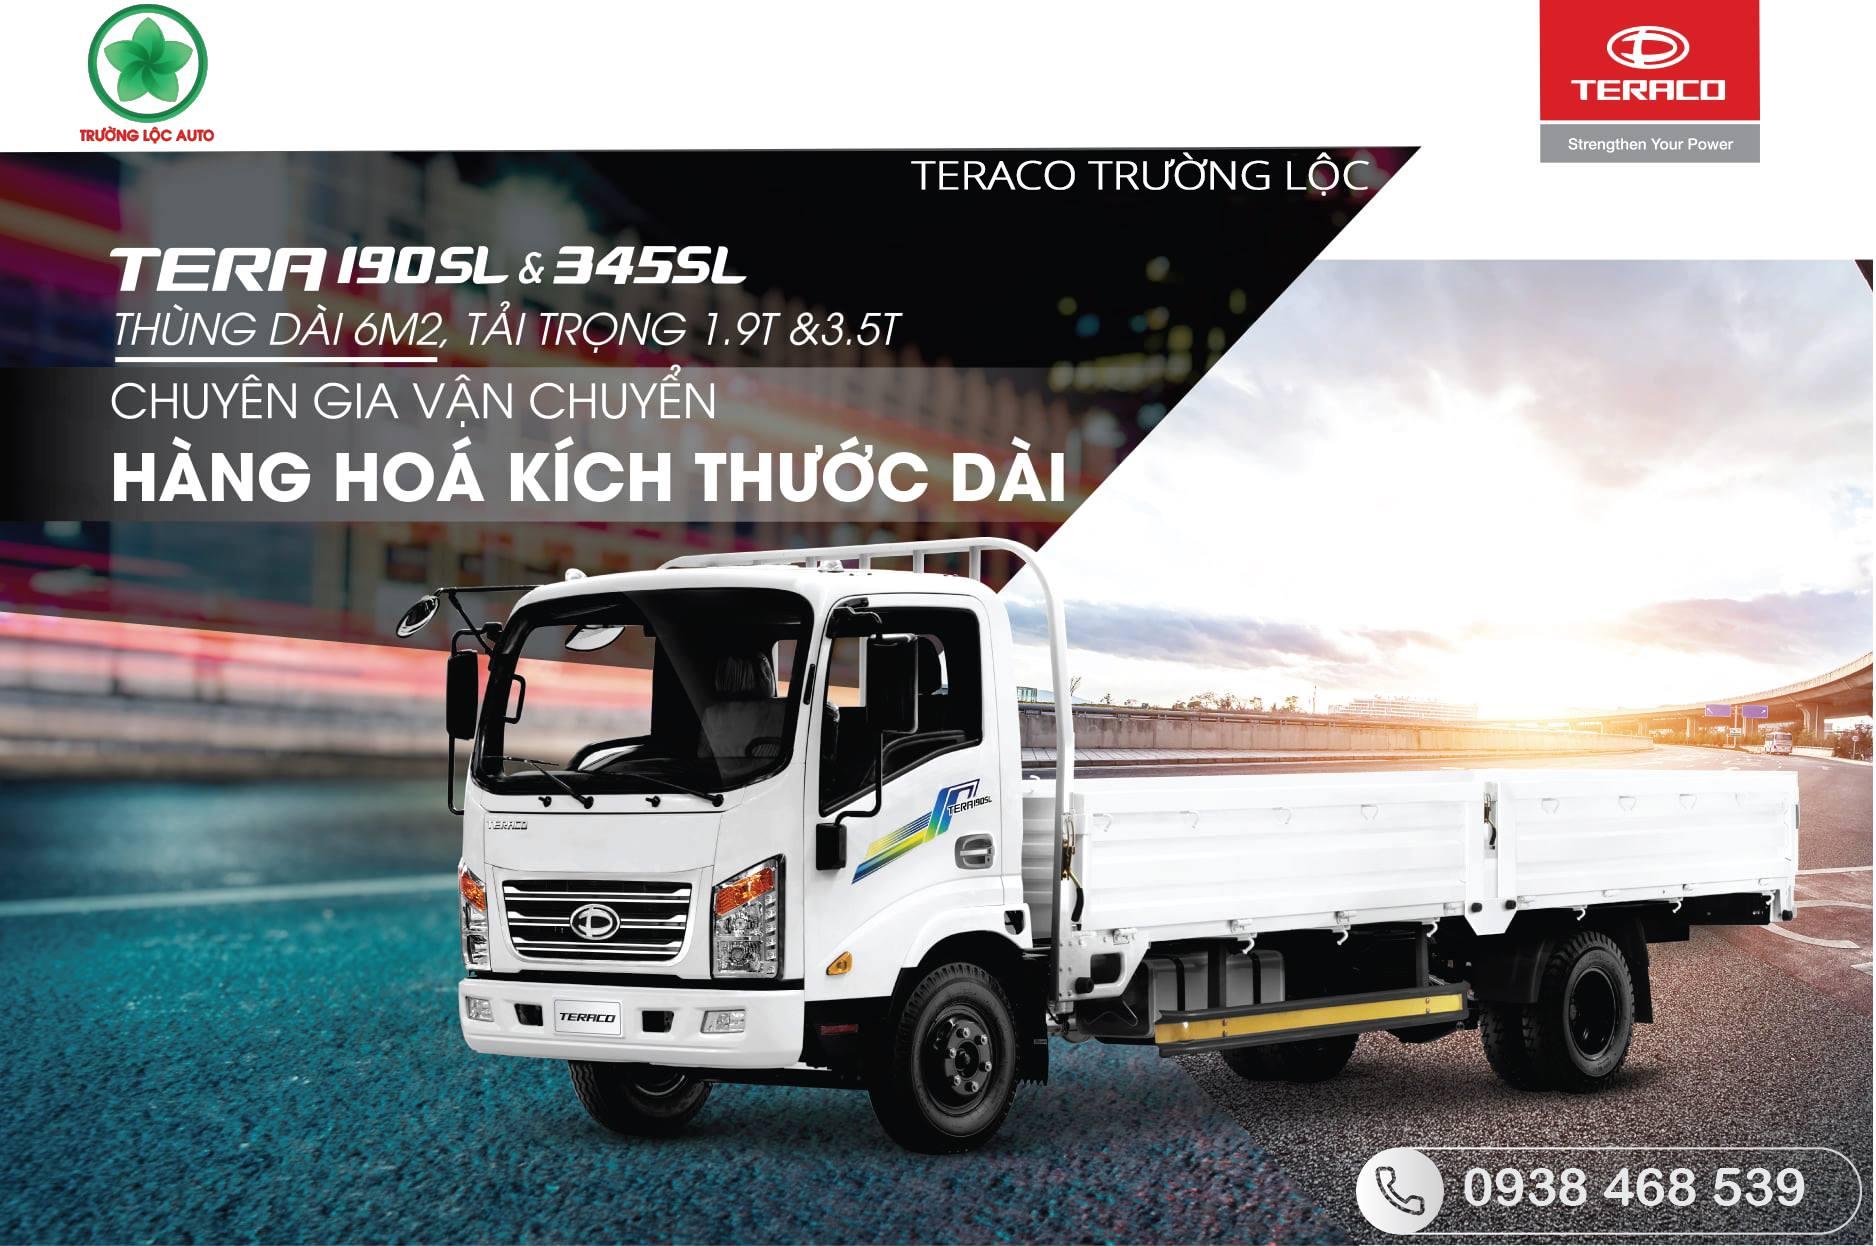 xe tải tera 190SL&345SL